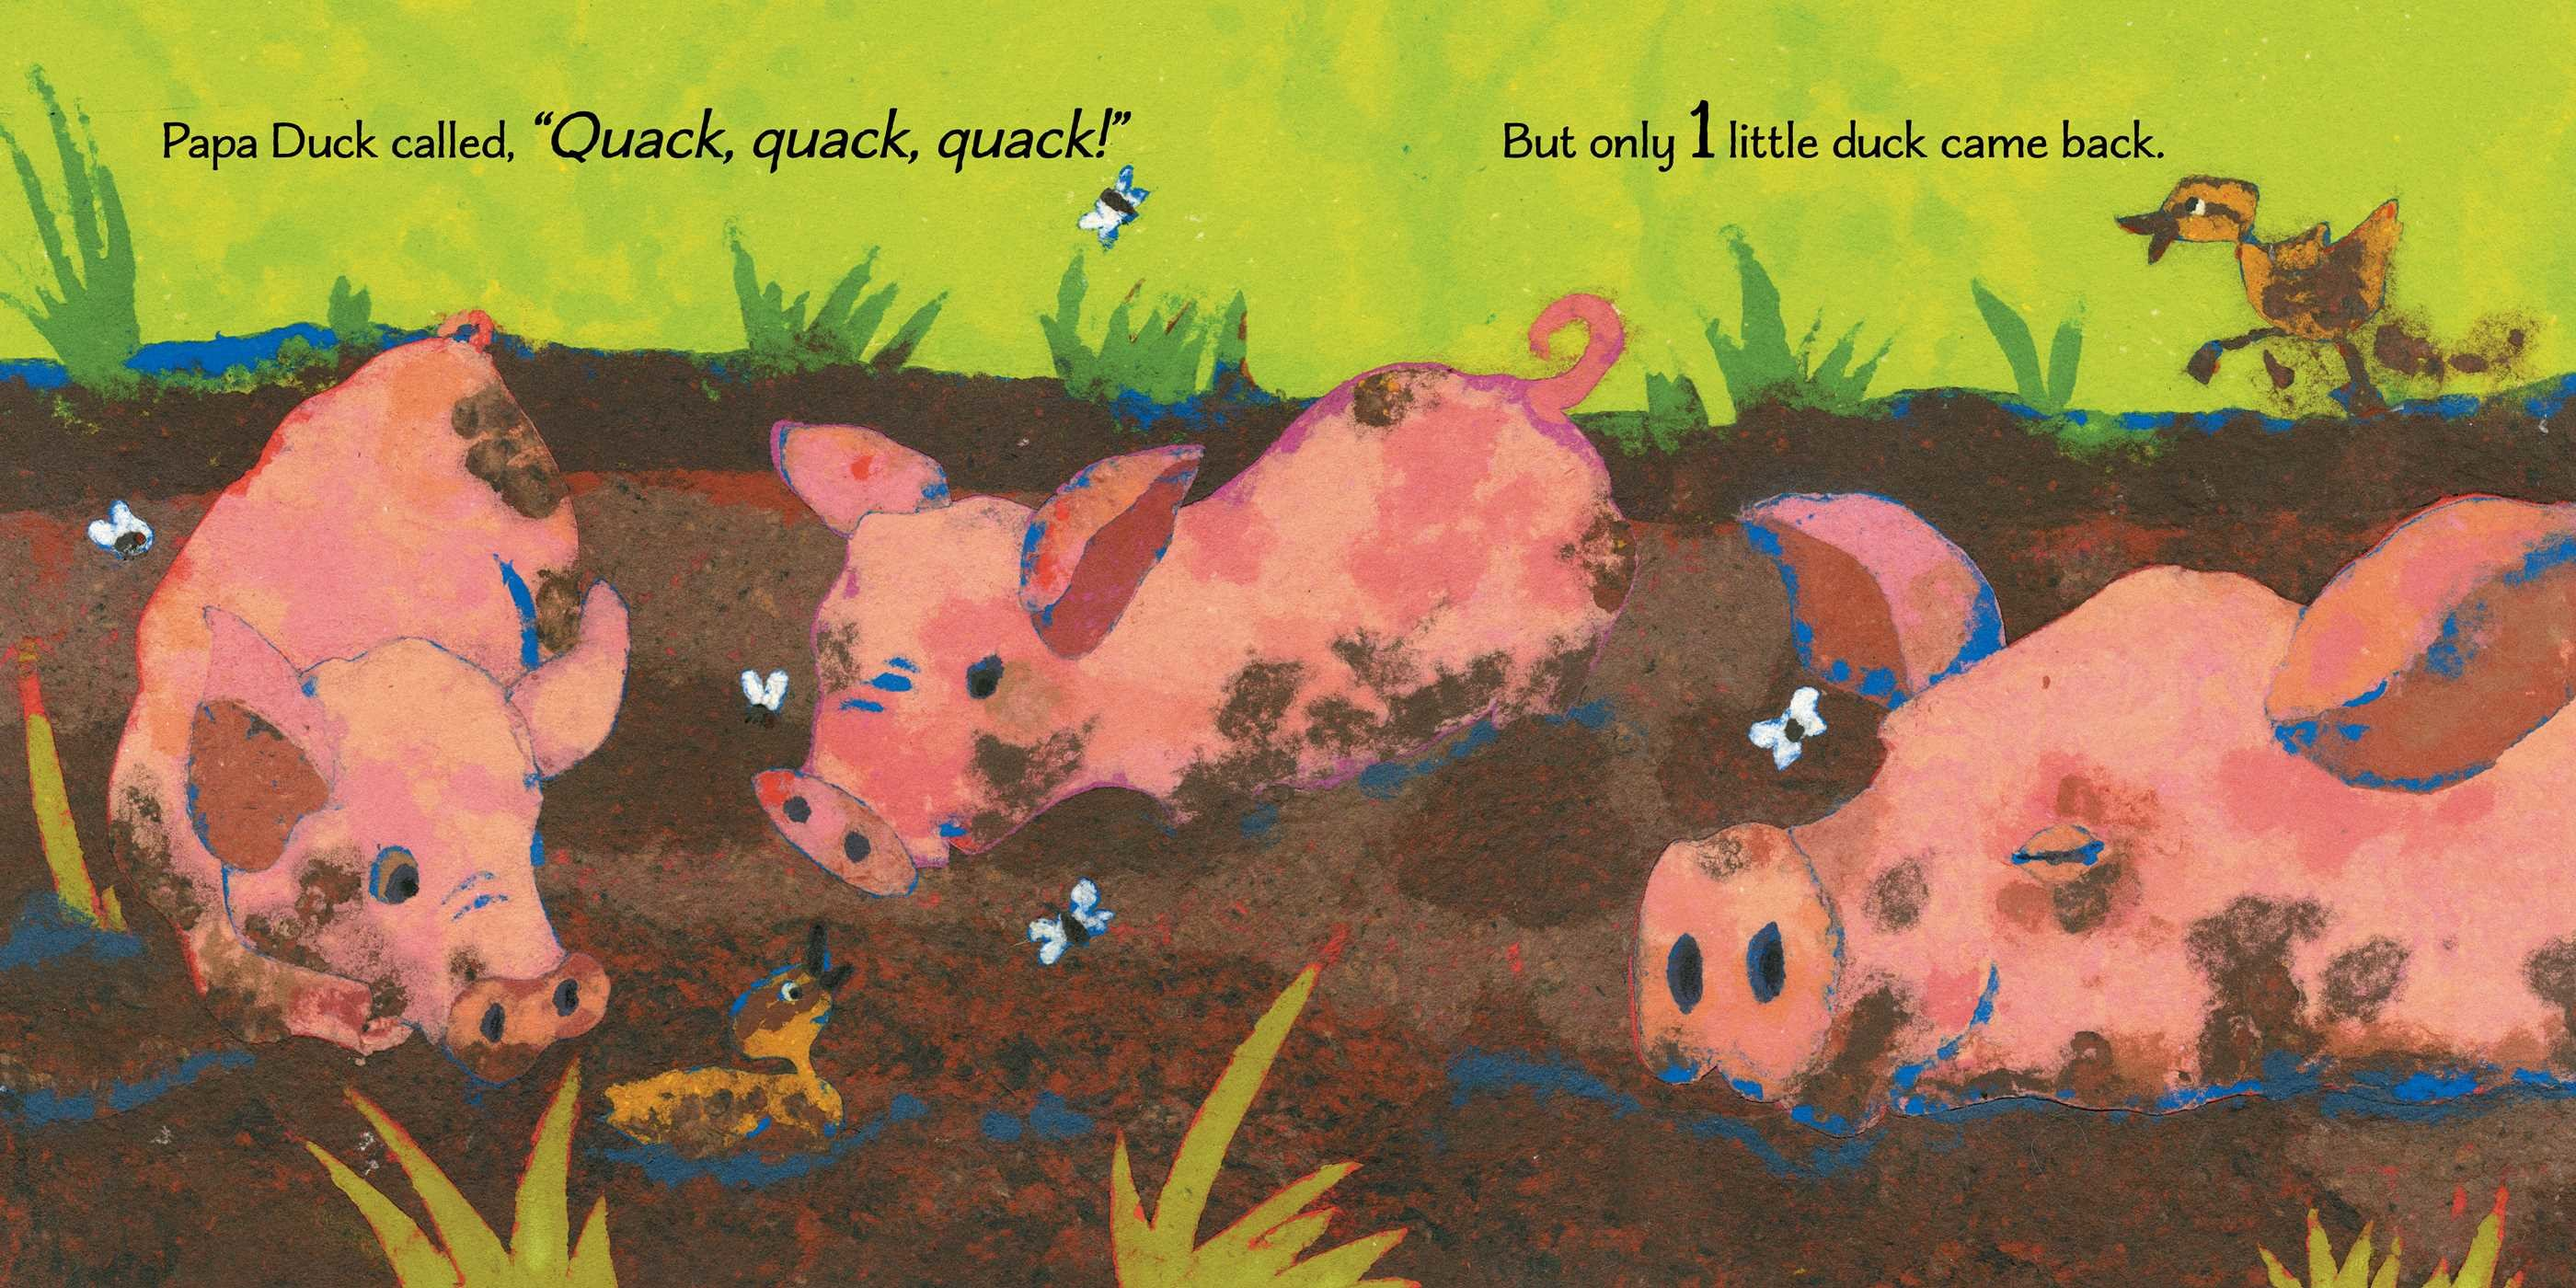 5 little ducks 9781481424226.in05